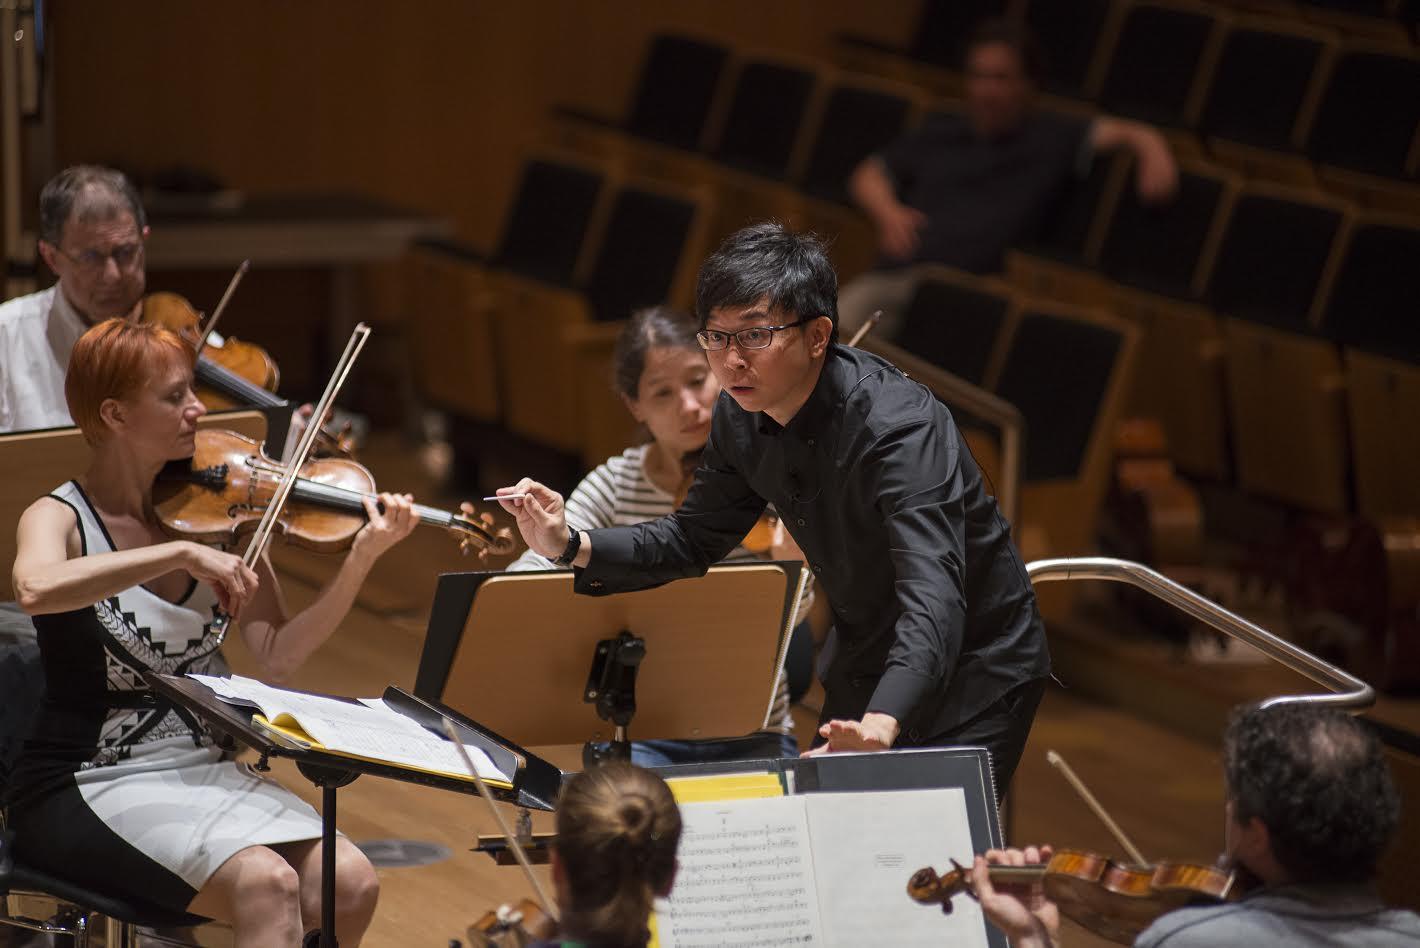 Bamberger Symphoniker. Mahler Competition 2016. Dirigentenwettbewerb. Kah Chun Wong. Bamberg, 11.-13.05.2016